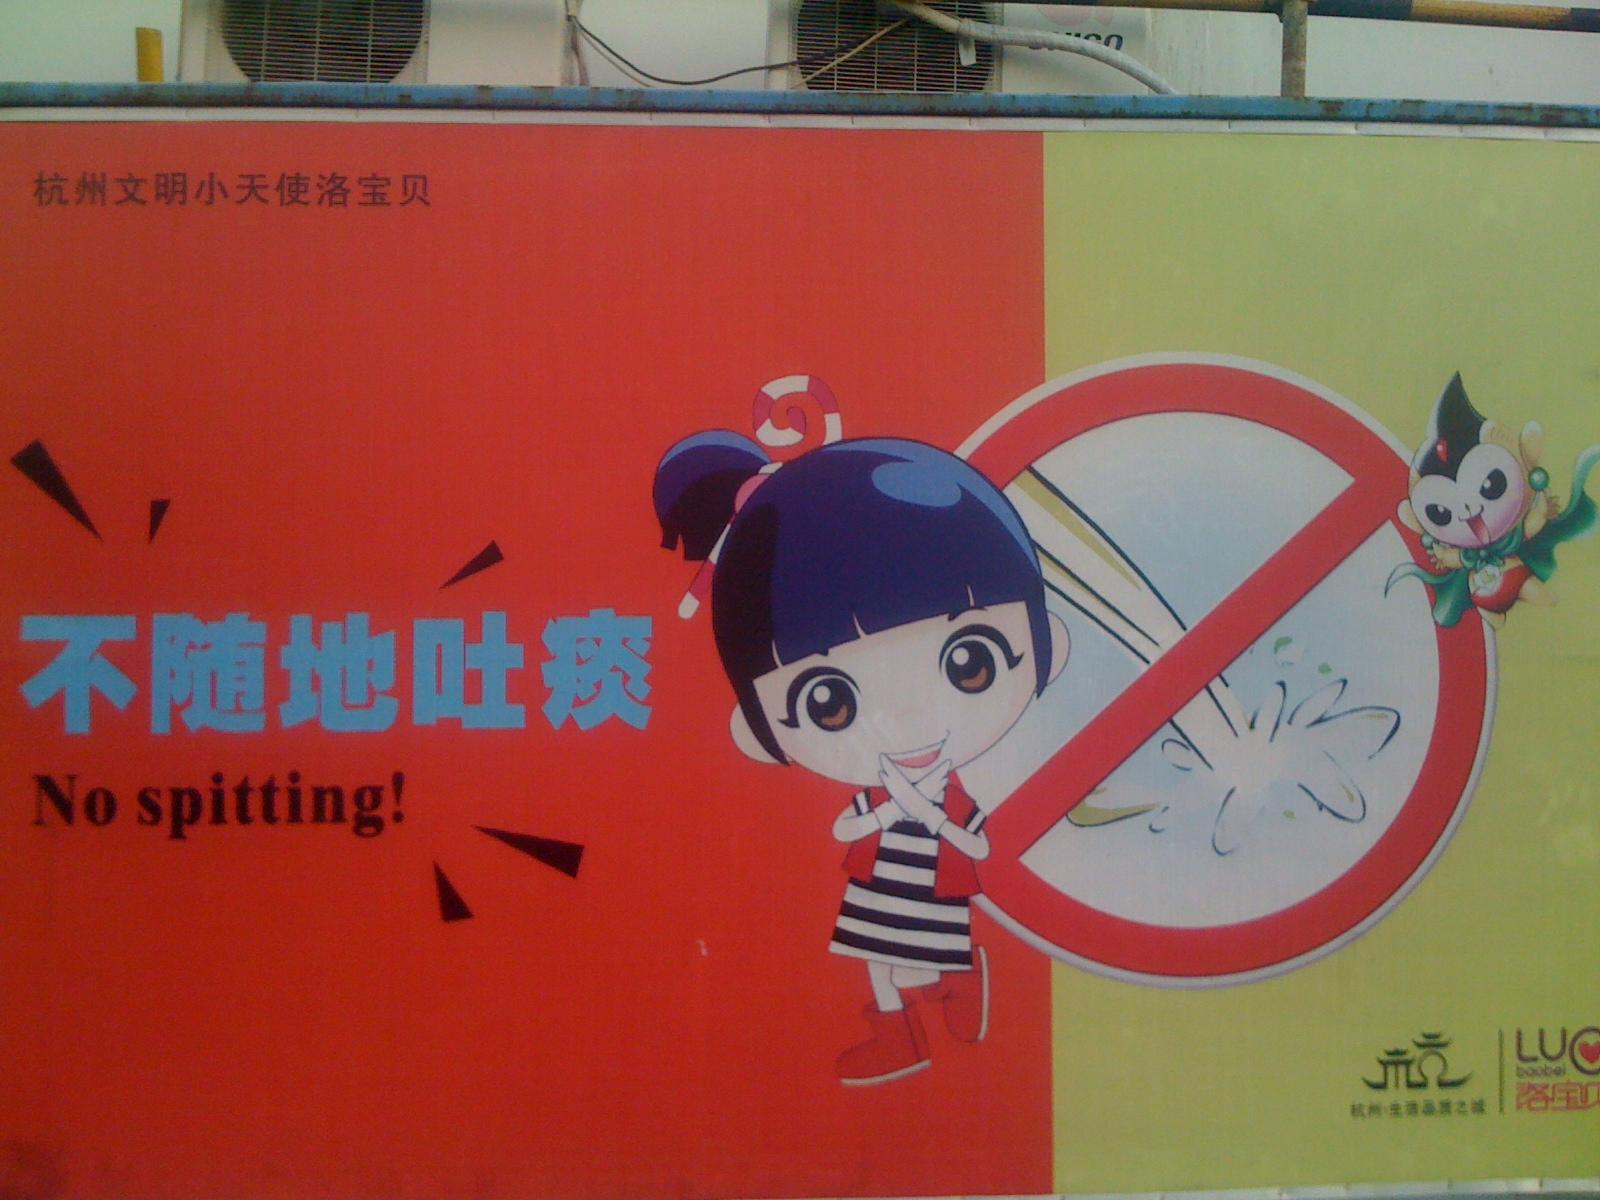 Nie pluj! - Plakat w Hangzhou propagujący właściwe zachowanie